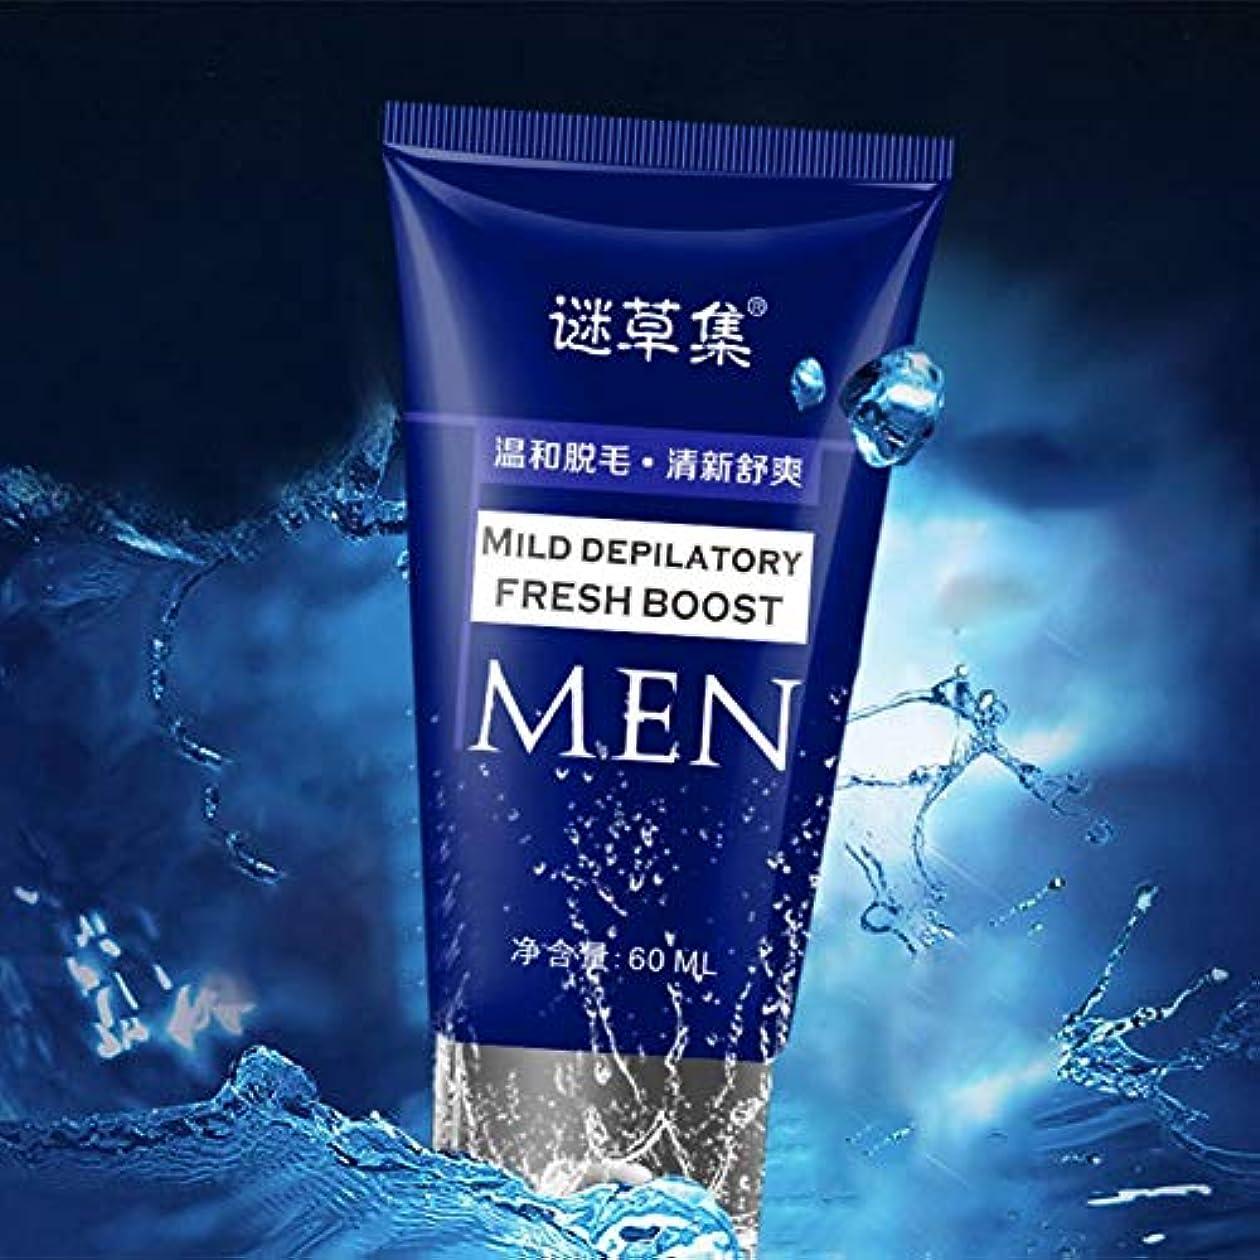 ランク生ポーター60ml 薬用除毛剤 除毛 脱毛クリーム 無痛無害 メンズ 敏感肌用 すべての肌タイプ 使用可能